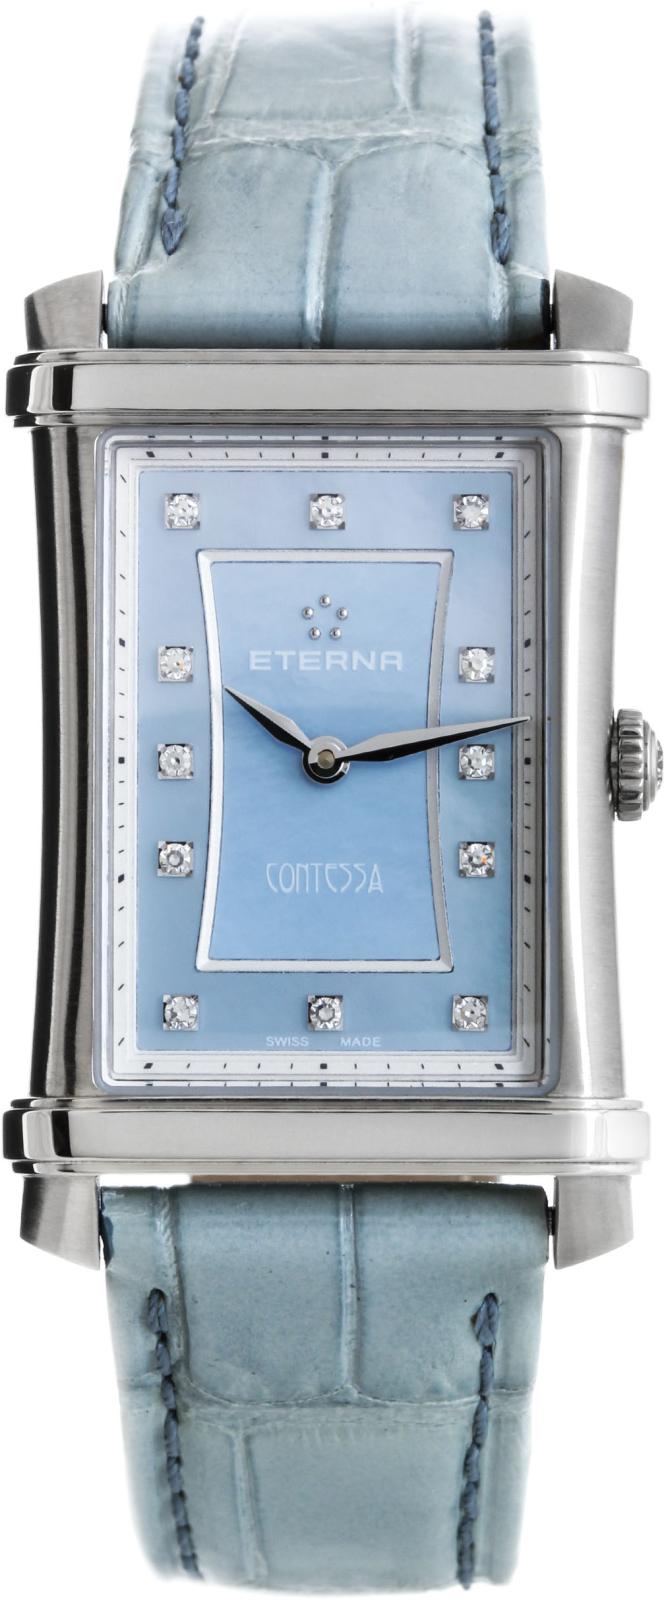 Eterna Contessa Two-Hands 2410.41.87.1222Наручные часы<br>Швейцарские часы Eterna Contessa Two-Hands 2410.41.87.1222Часы принадежат коллекции Contessa Two-Hands. Это великолепные женские часы. Материал корпуса часов — сталь. В этих часах используется сапфировое стекло. Водозащита этих часов 50 м. Основной цвет циферблата голубой. Размер данной модели 25х33мм. При создании этих часов использованы натуральные бриллианты.<br><br>Пол: Женские<br>Страна-производитель: Швейцария<br>Механизм: Кварцевый<br>Материал корпуса: Сталь<br>Материал ремня/браслета: Кожа<br>Водозащита, диапазон: 20 - 100 м<br>Стекло: Сапфировое<br>Толщина корпуса: None<br>Стиль: Классика